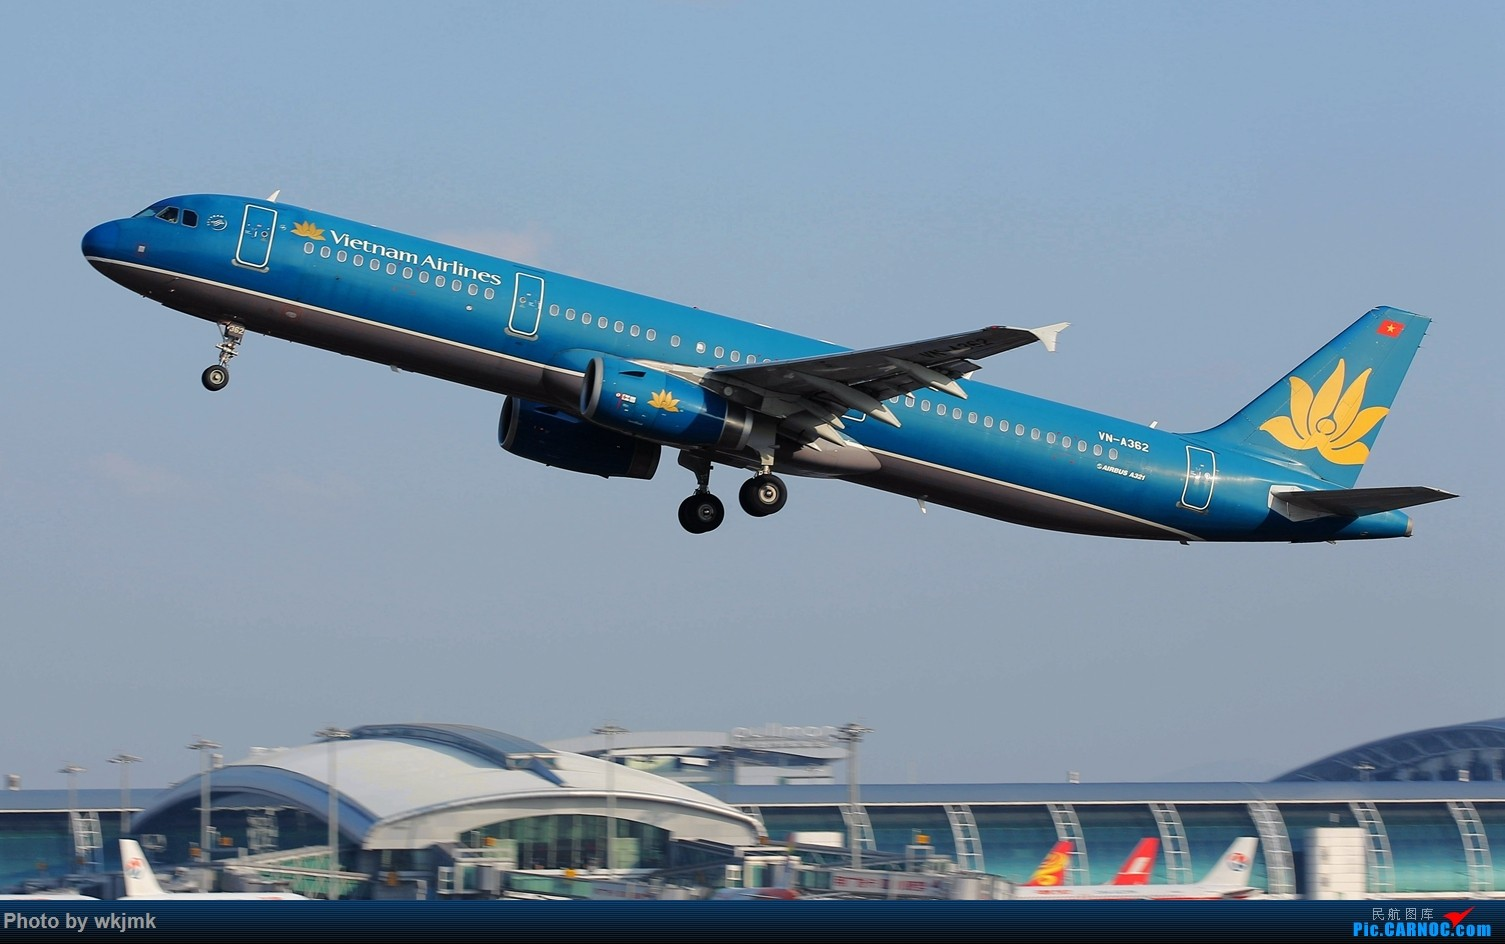 Re:[原创]广州拍即之旅 AIRBUS A321 VN-A362 中国广州白云国际机场